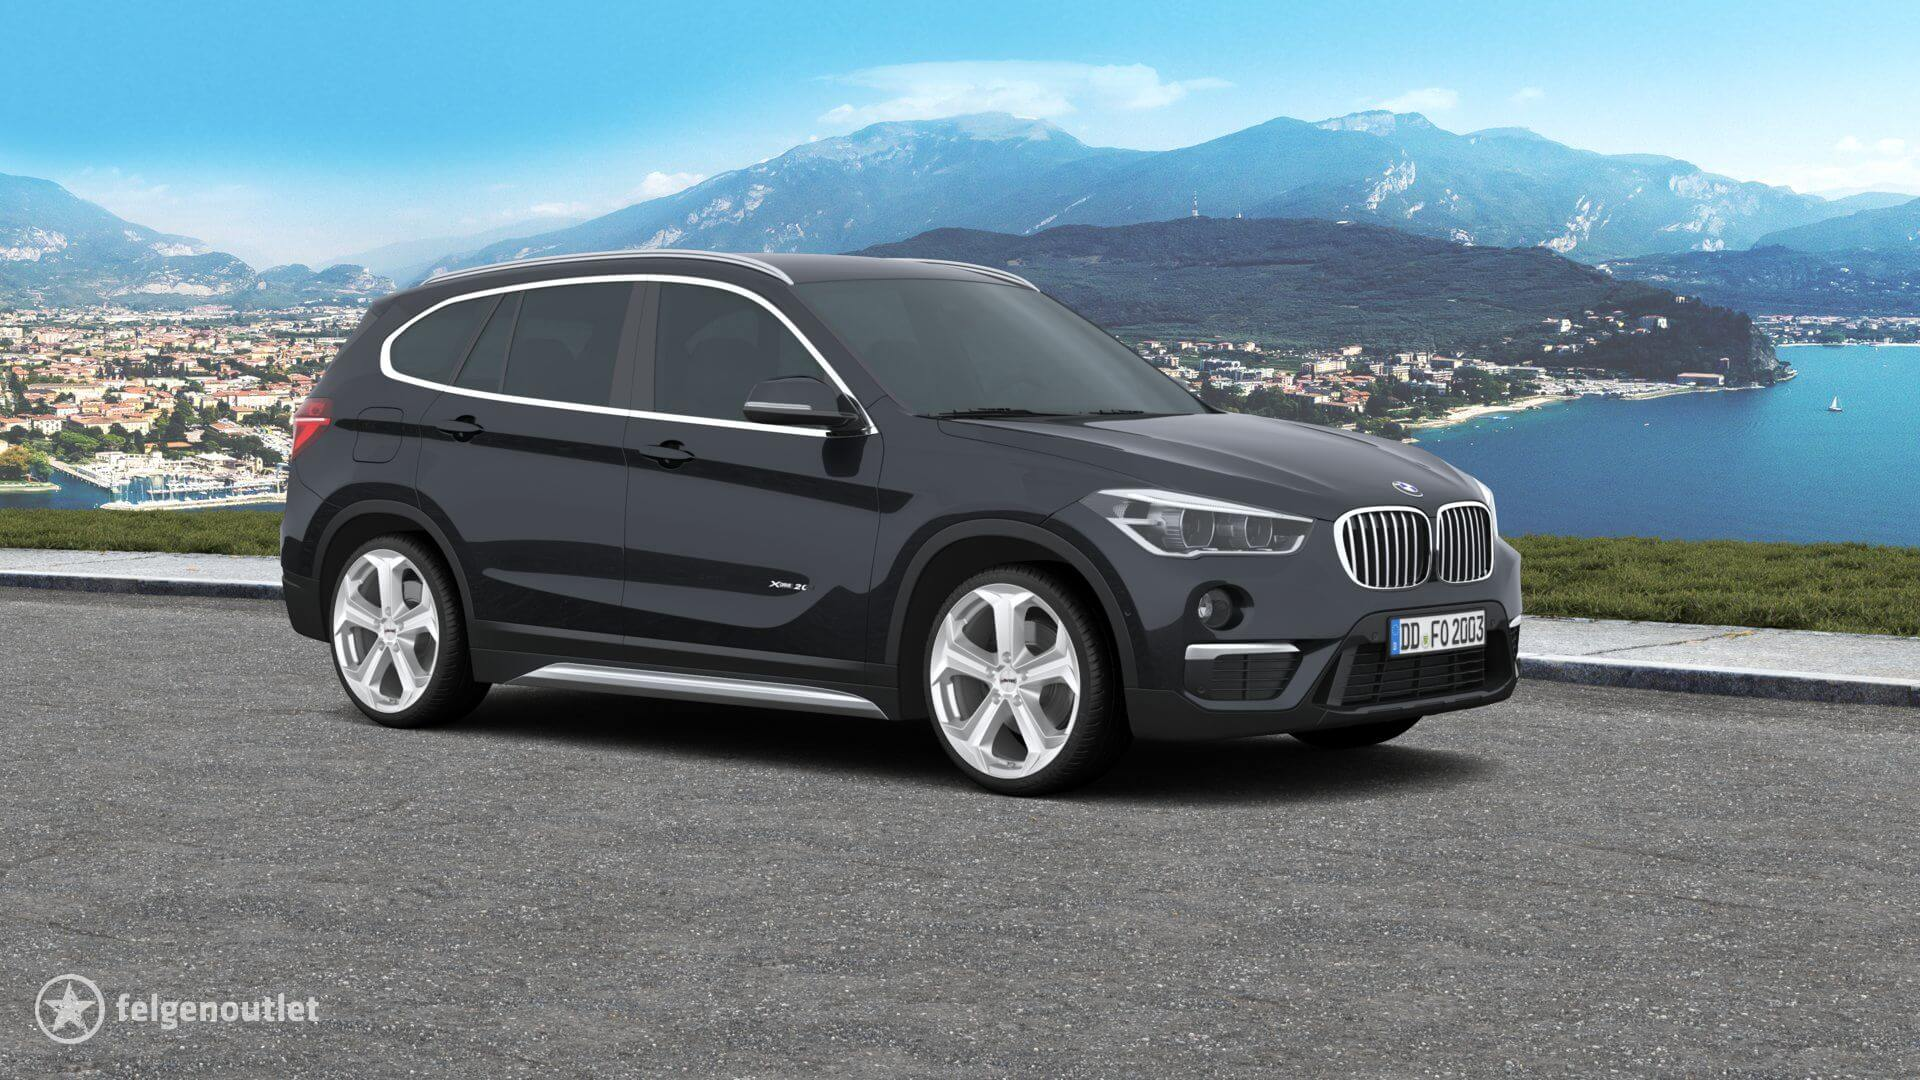 Autec Xenos brillantsilber auf BMW X1 Kompakt-SUV